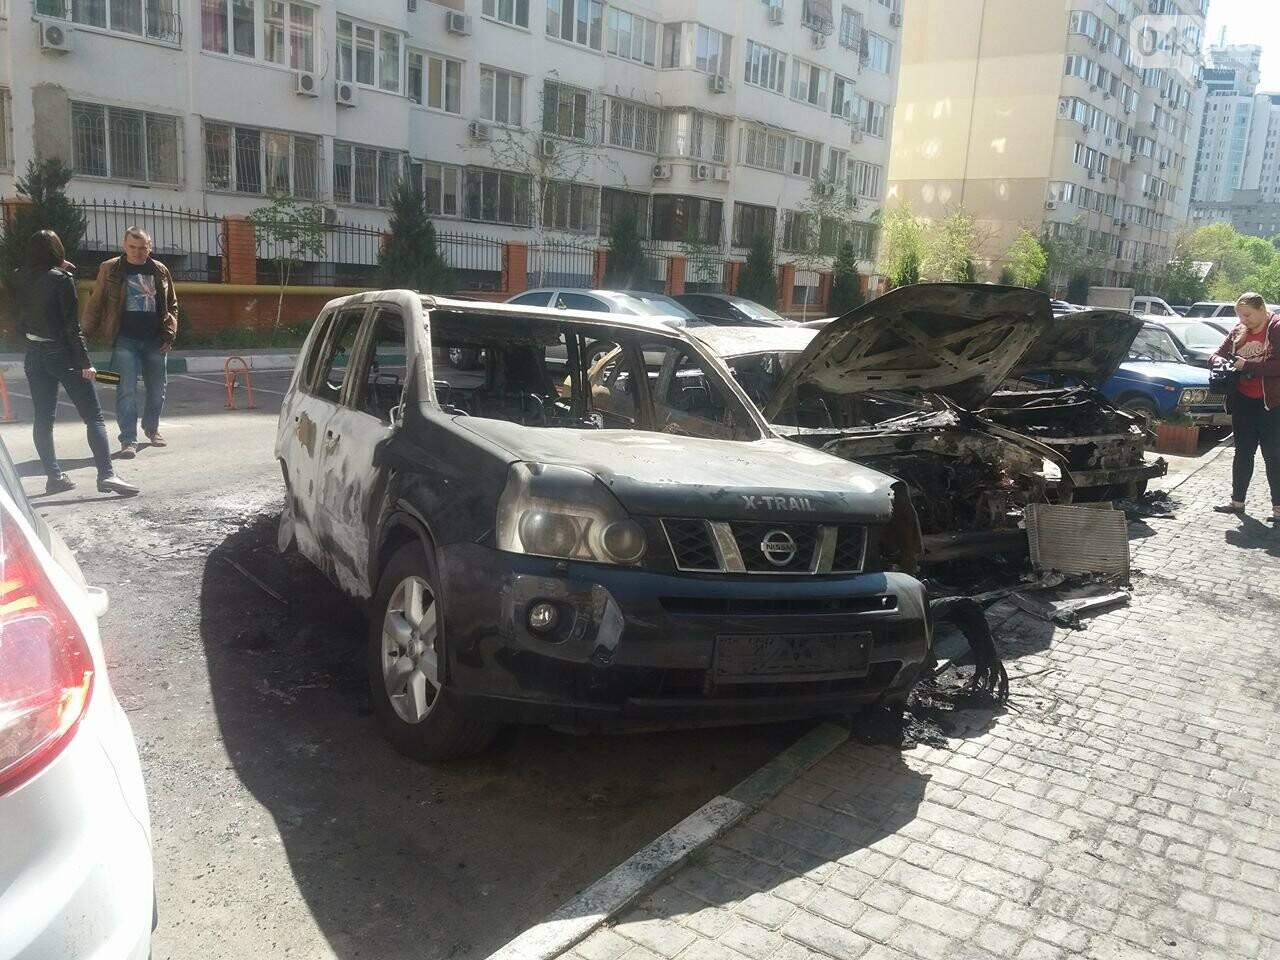 Сгоревшие авто на утро после пожара: что говорят одесситы (ФОТО, ВИДЕО), фото-10